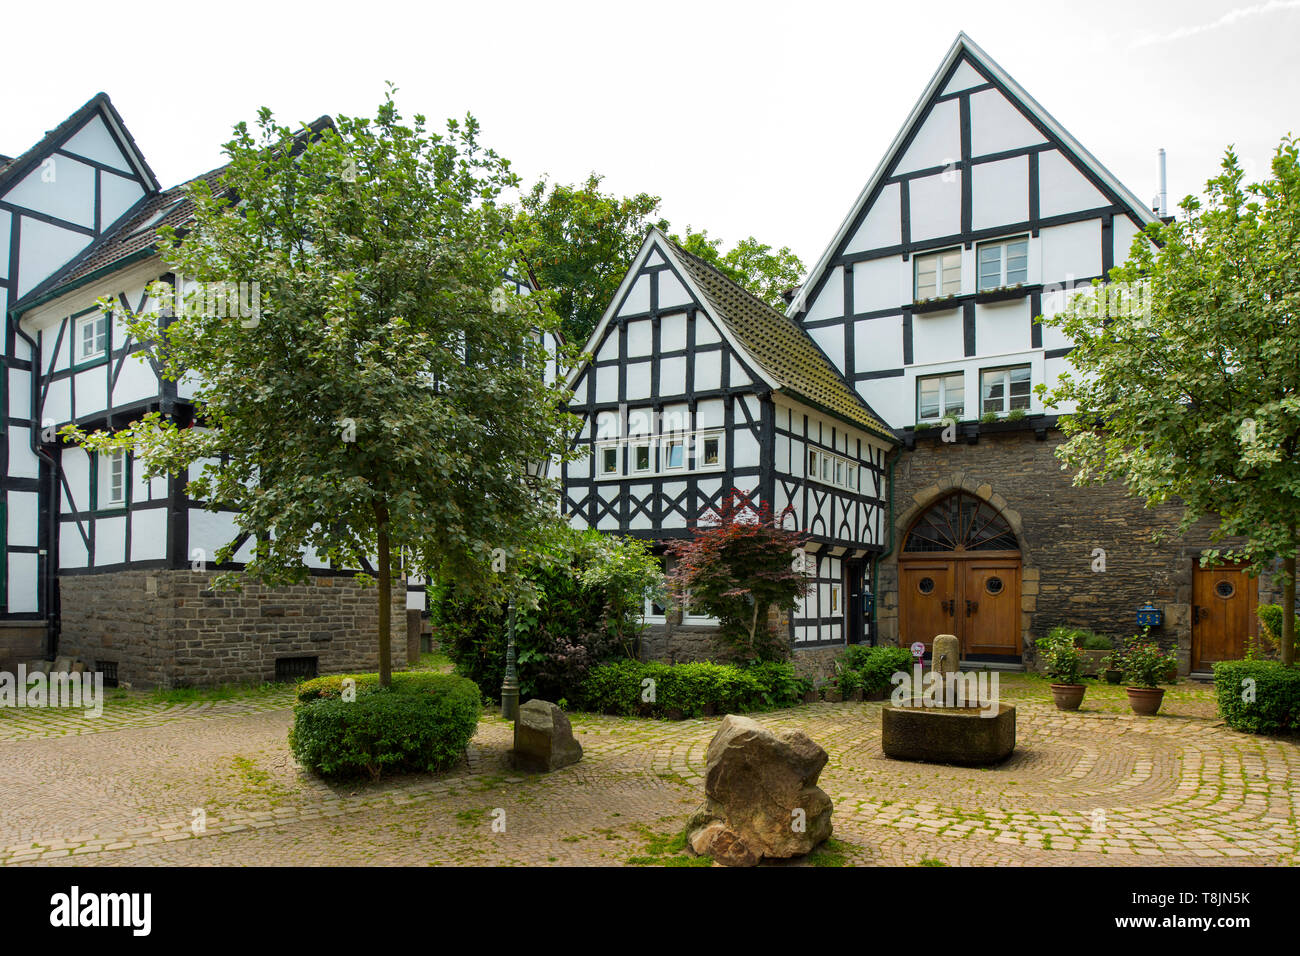 Deutschland, Nordrhein-Westfalen, Wetter (Ruhr), Freiheit Wetter, Fünf-Giebel-Eck - Stock Image